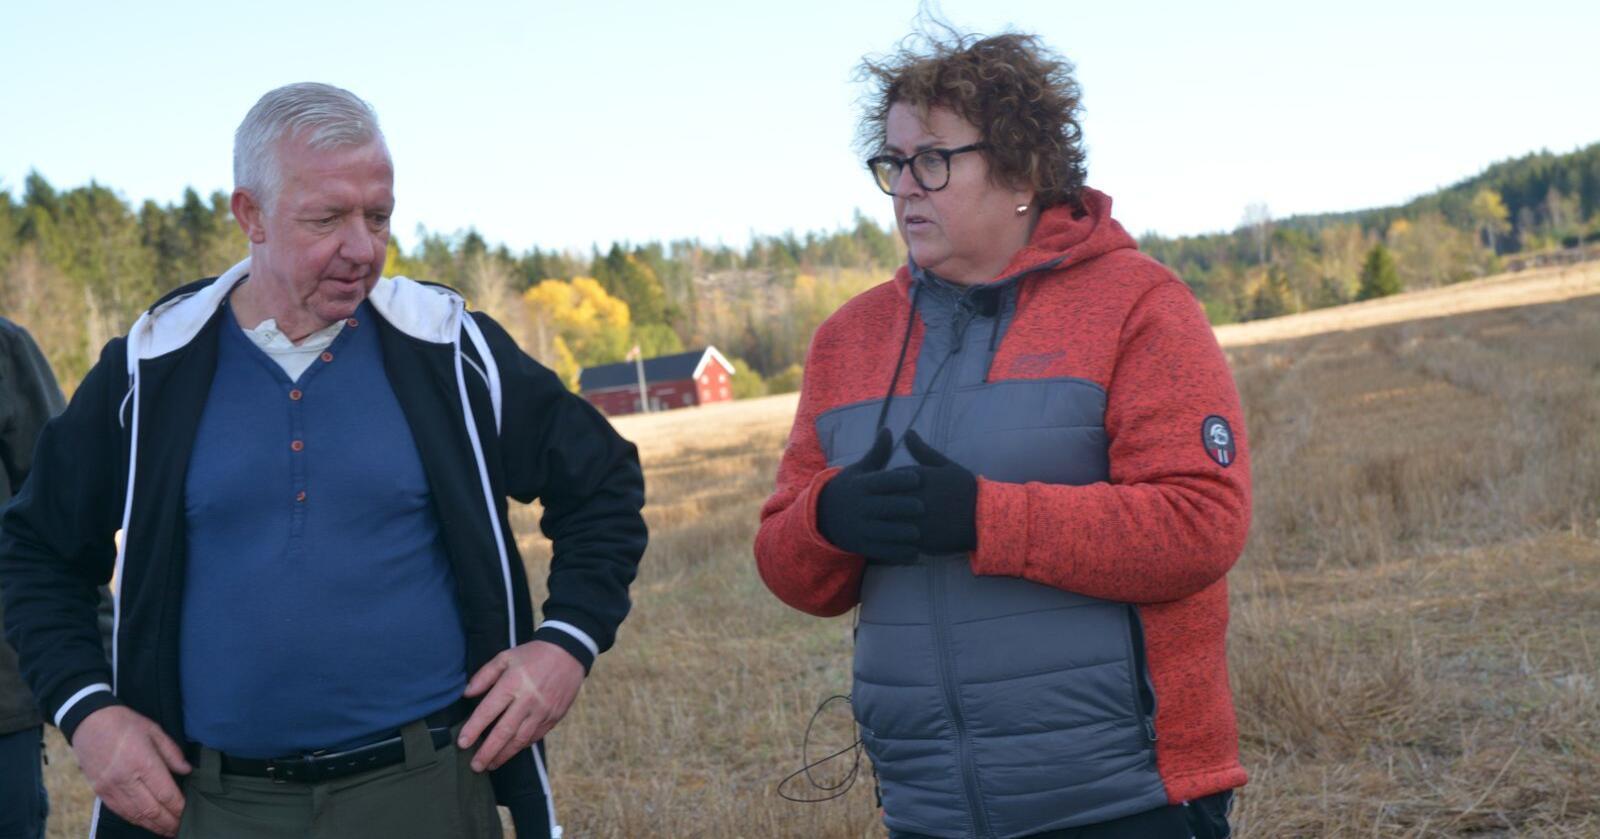 Landbruks- og matminister Olaug Bollestad (KrF) møtte tirsdag bonde og grunneier Jan Roger Eriksen ved hjemgården på Kornsjø, syd for Halden. Han opplever et stadig større villsvintrykk i sine nærområder. Foto: Anders Sandbu